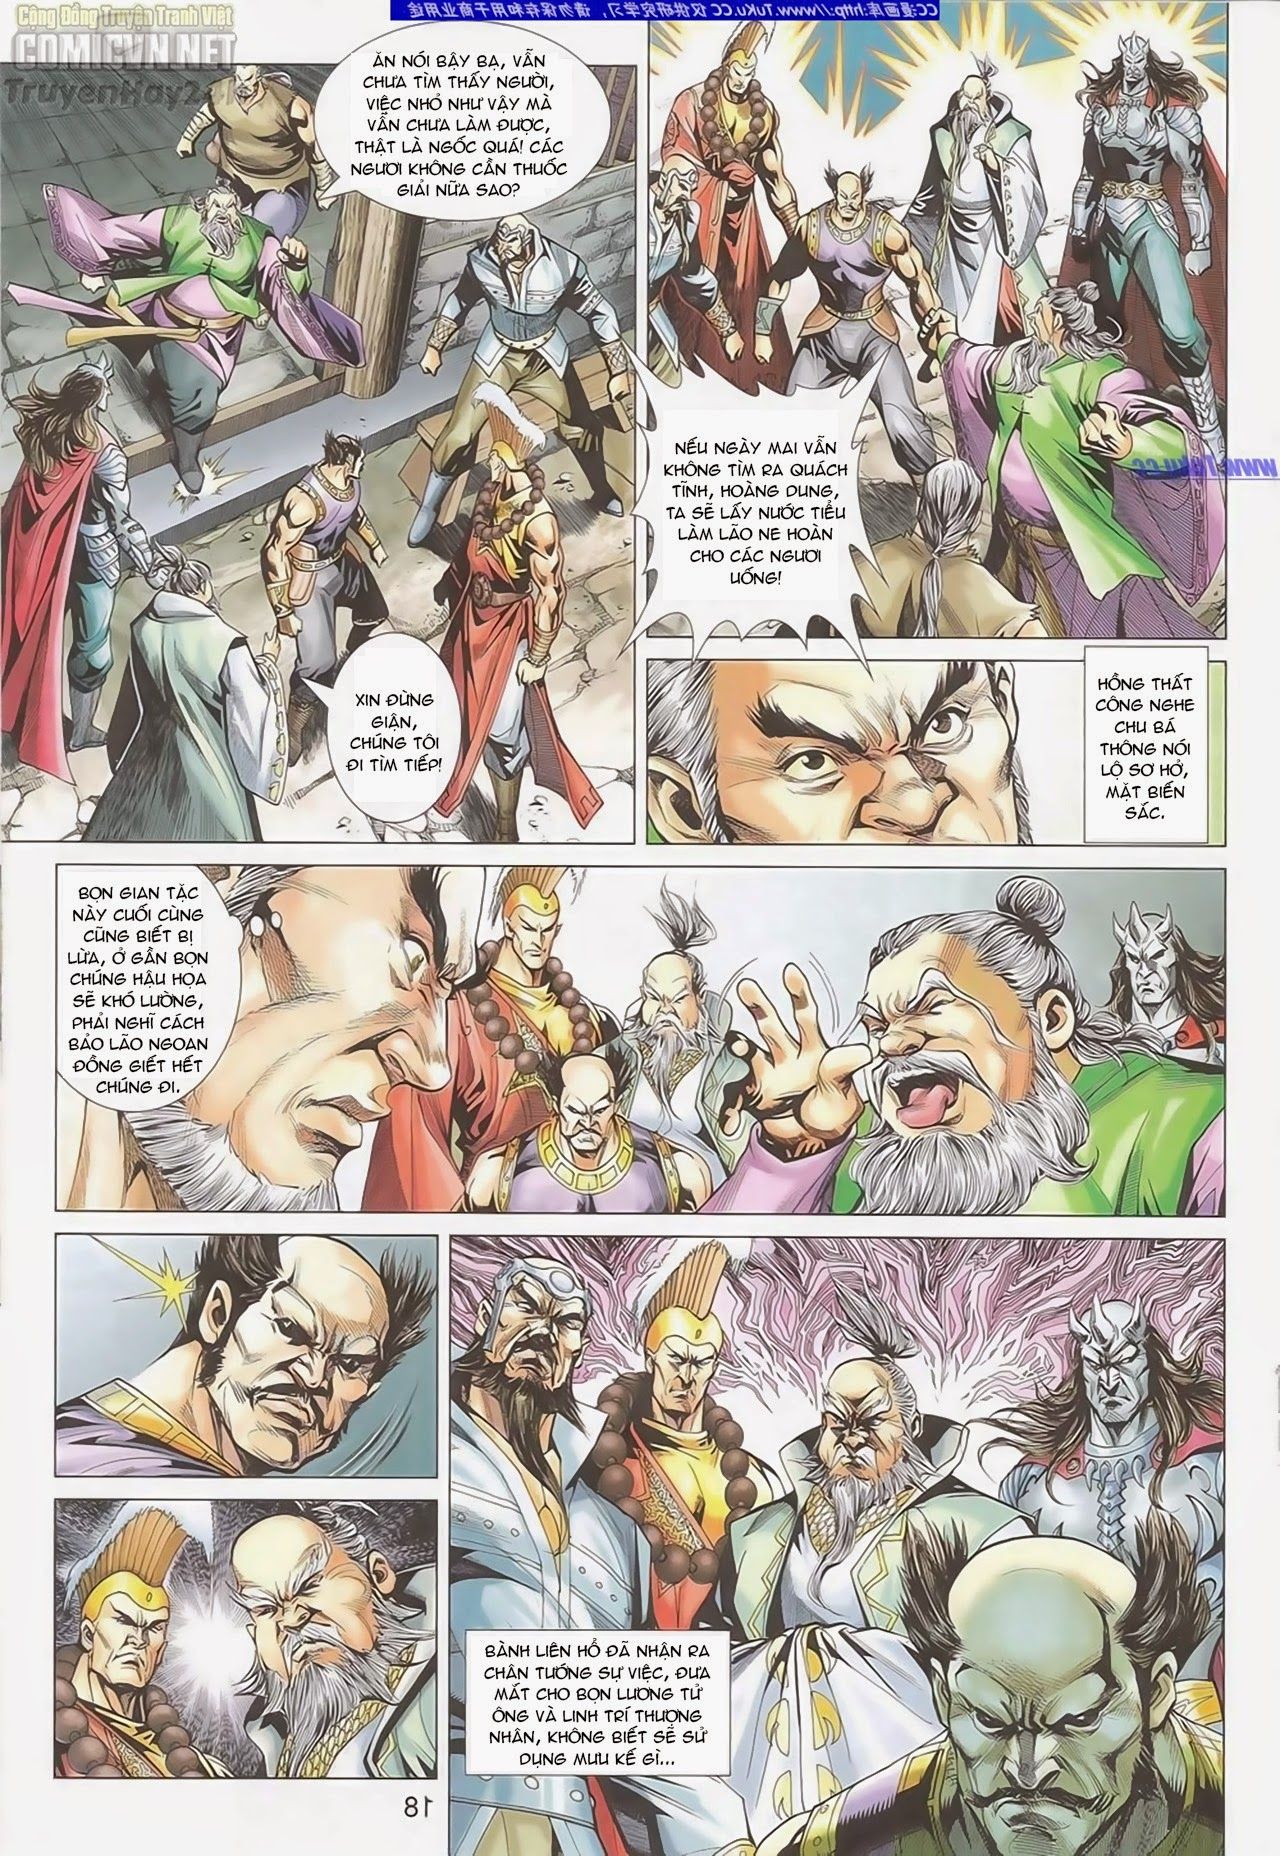 xem truyen moi - Anh Hùng Xạ Điêu - Chapter 82: Sinh Tử Tương Y